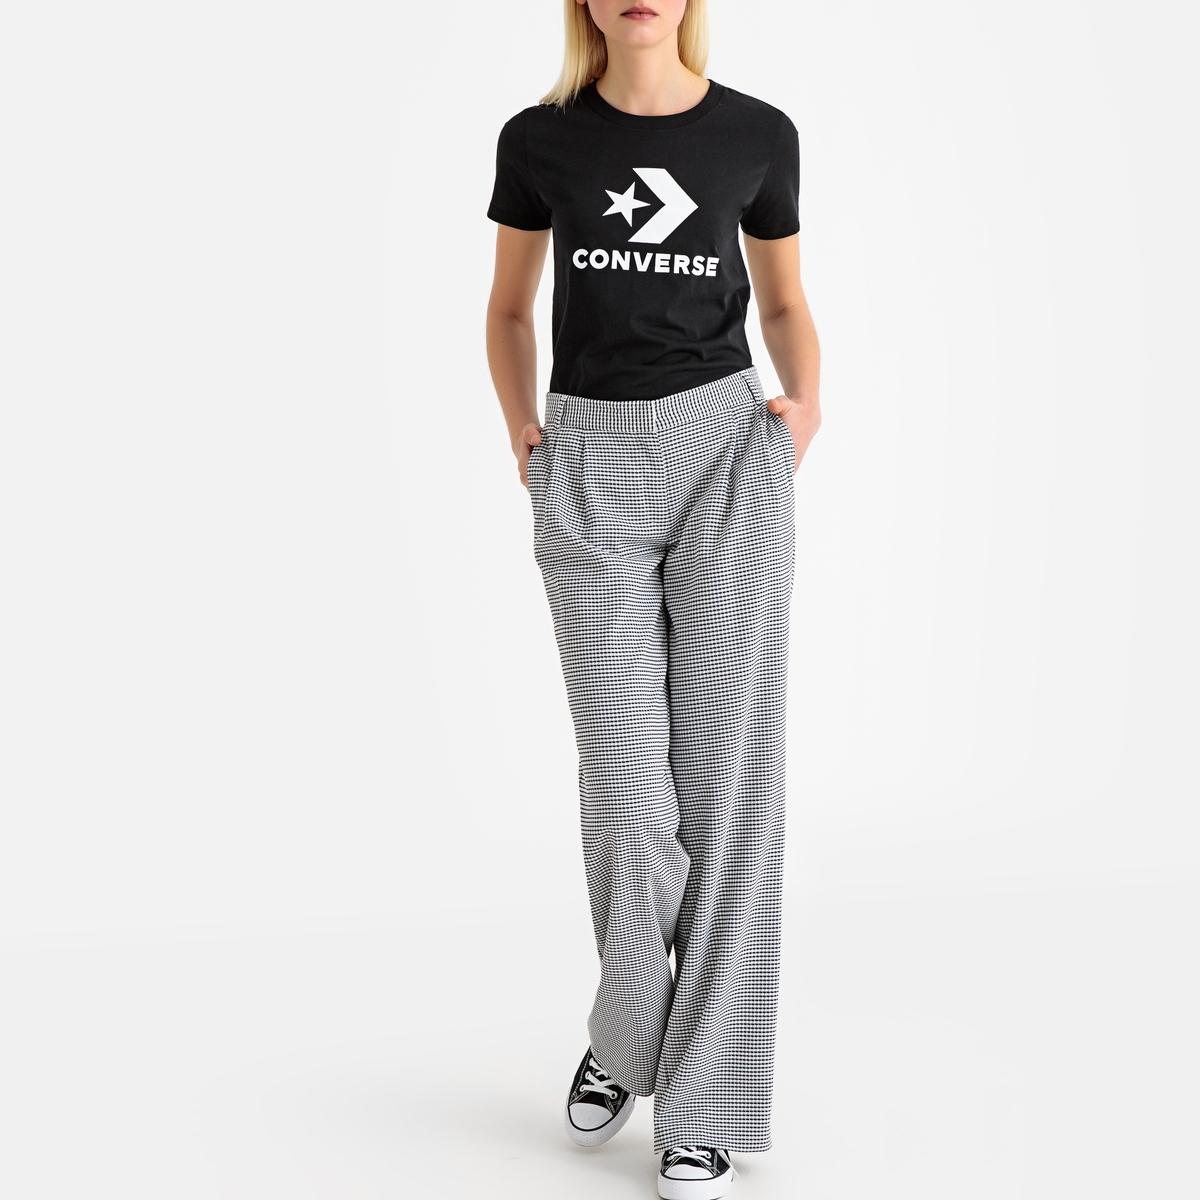 Imagen secundaria de producto de Camiseta con cuello redondo y logotipo estampado en el pecho - Converse